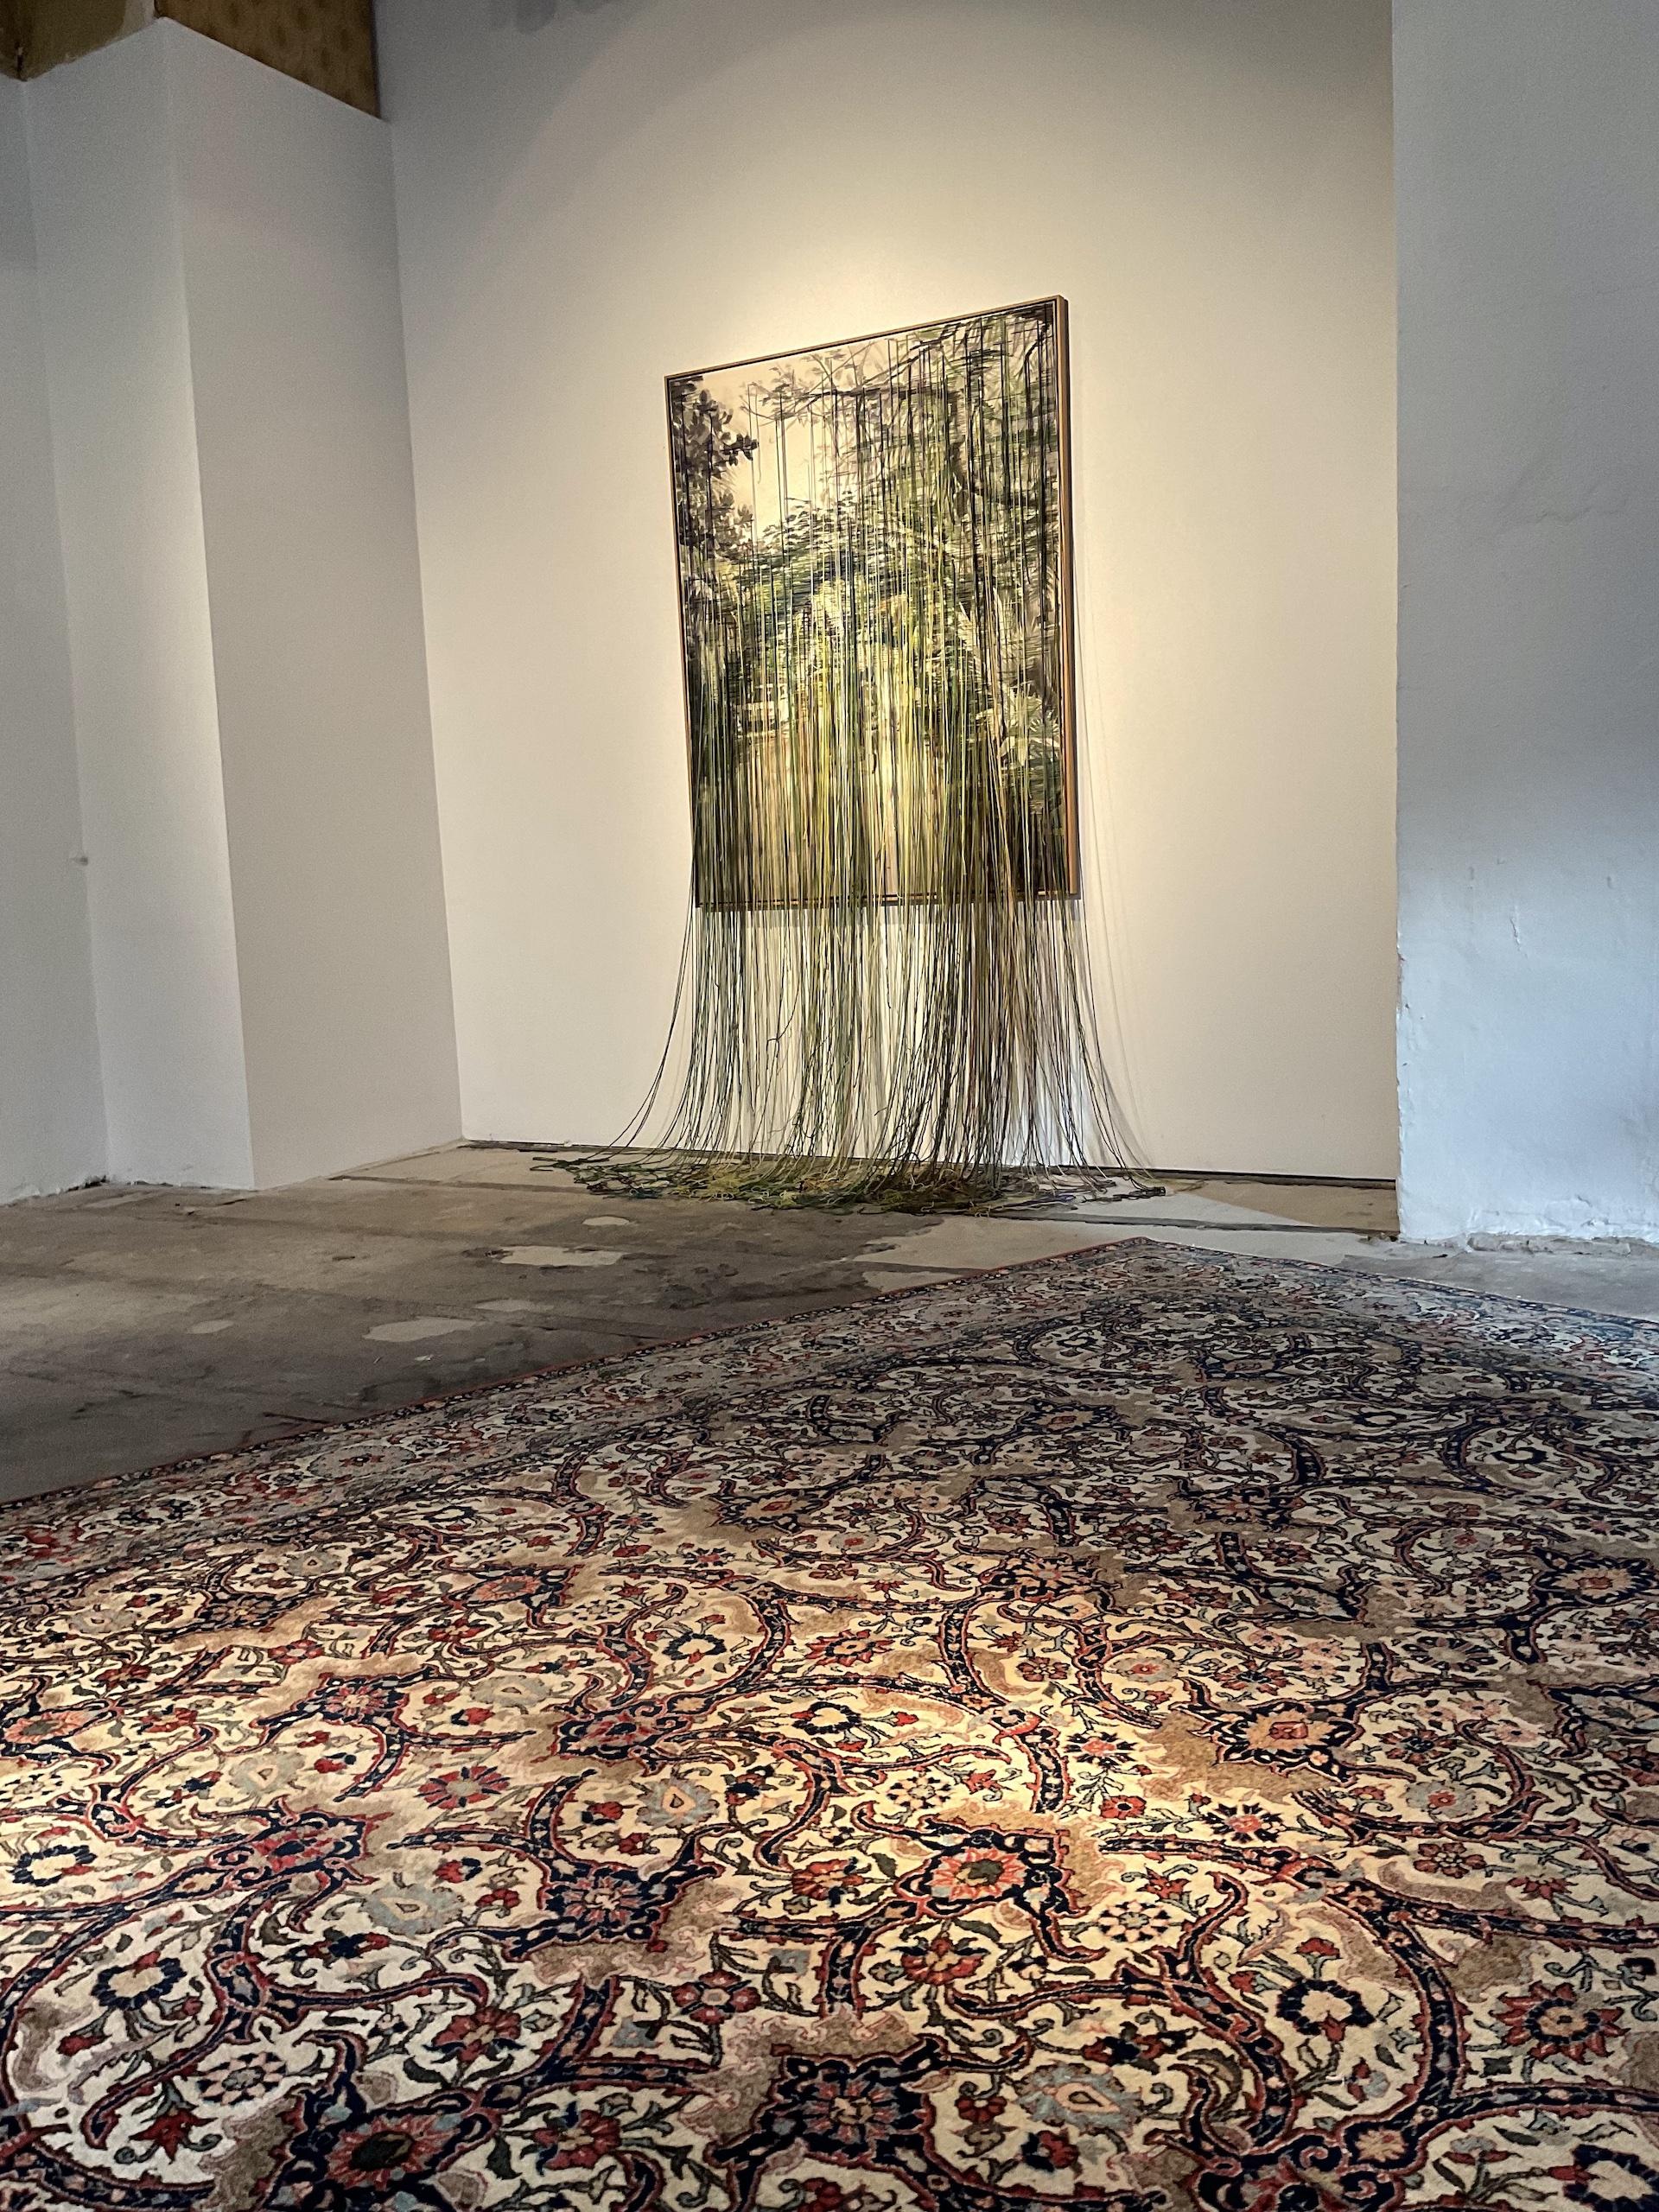 Linda Männel: Yucatan, 2017, Tusche/Garn auf Leinwand, 130 x 210 cm, Galerie Voigt Pop Up, Kunst, Nürnberg